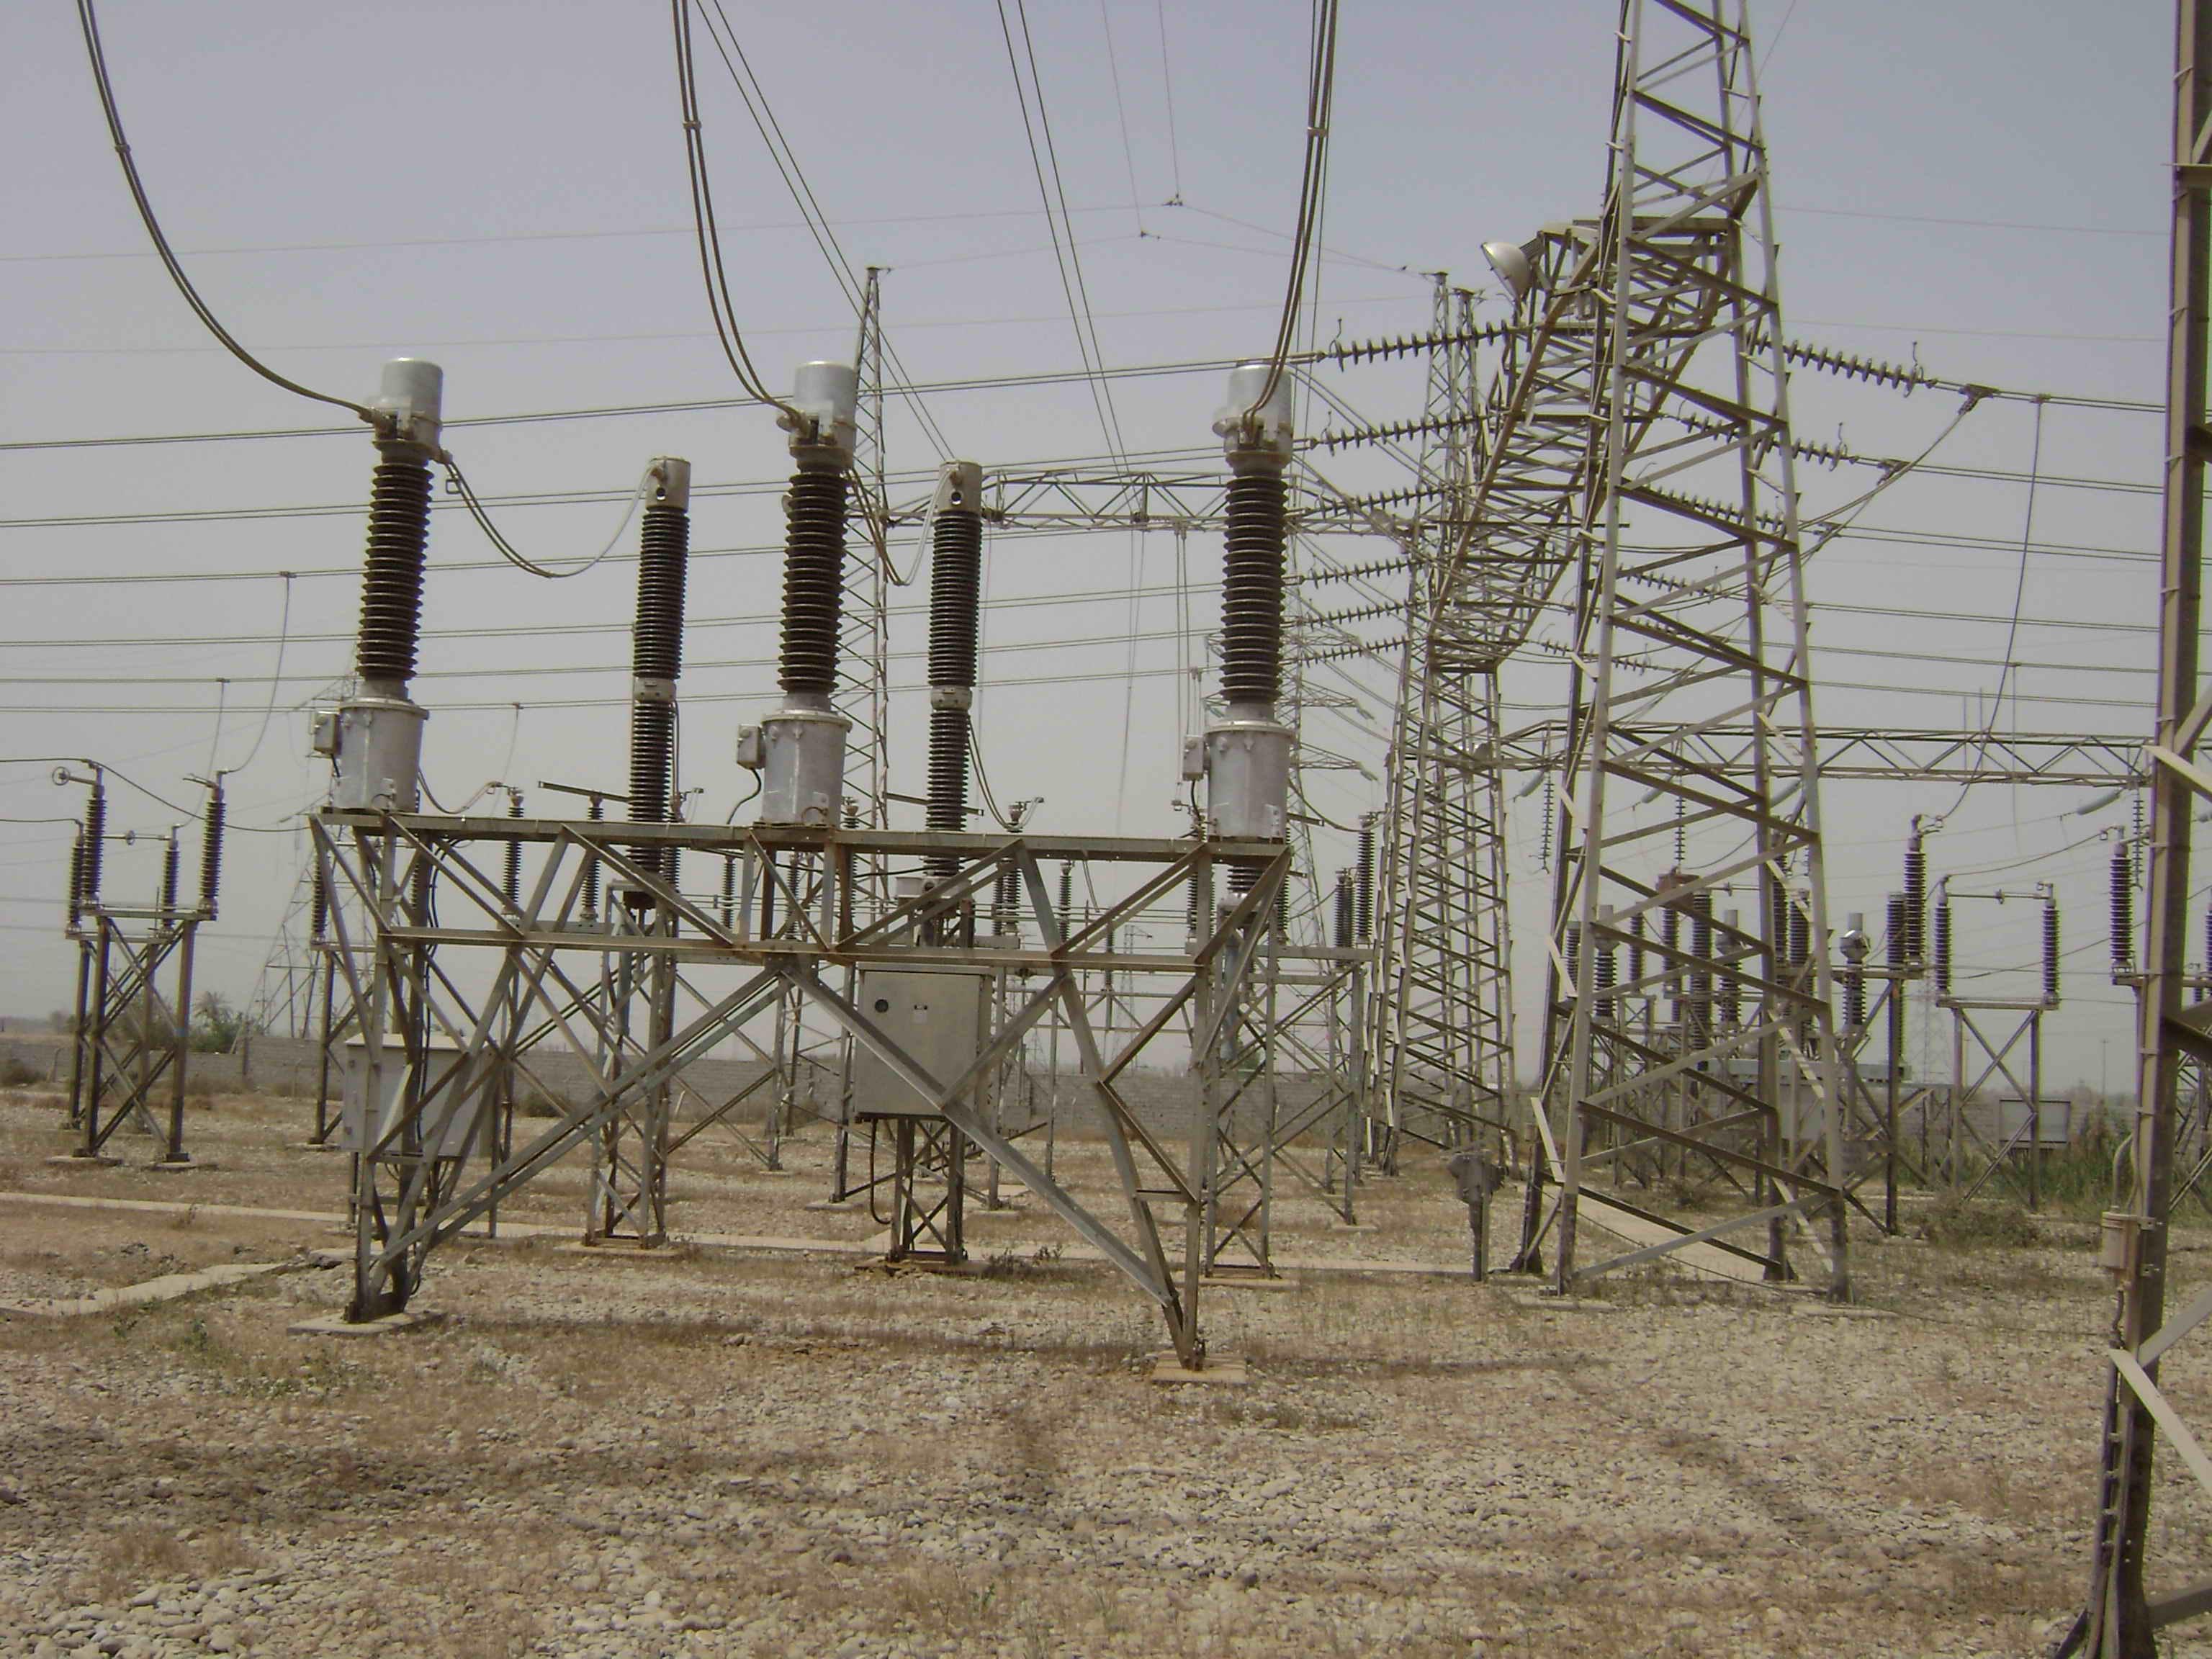 انقطاع تام للطاقة في محافظات كركوك ونينوى وجزء من صلاح الدين بسبب سوء الاحوال الجوية